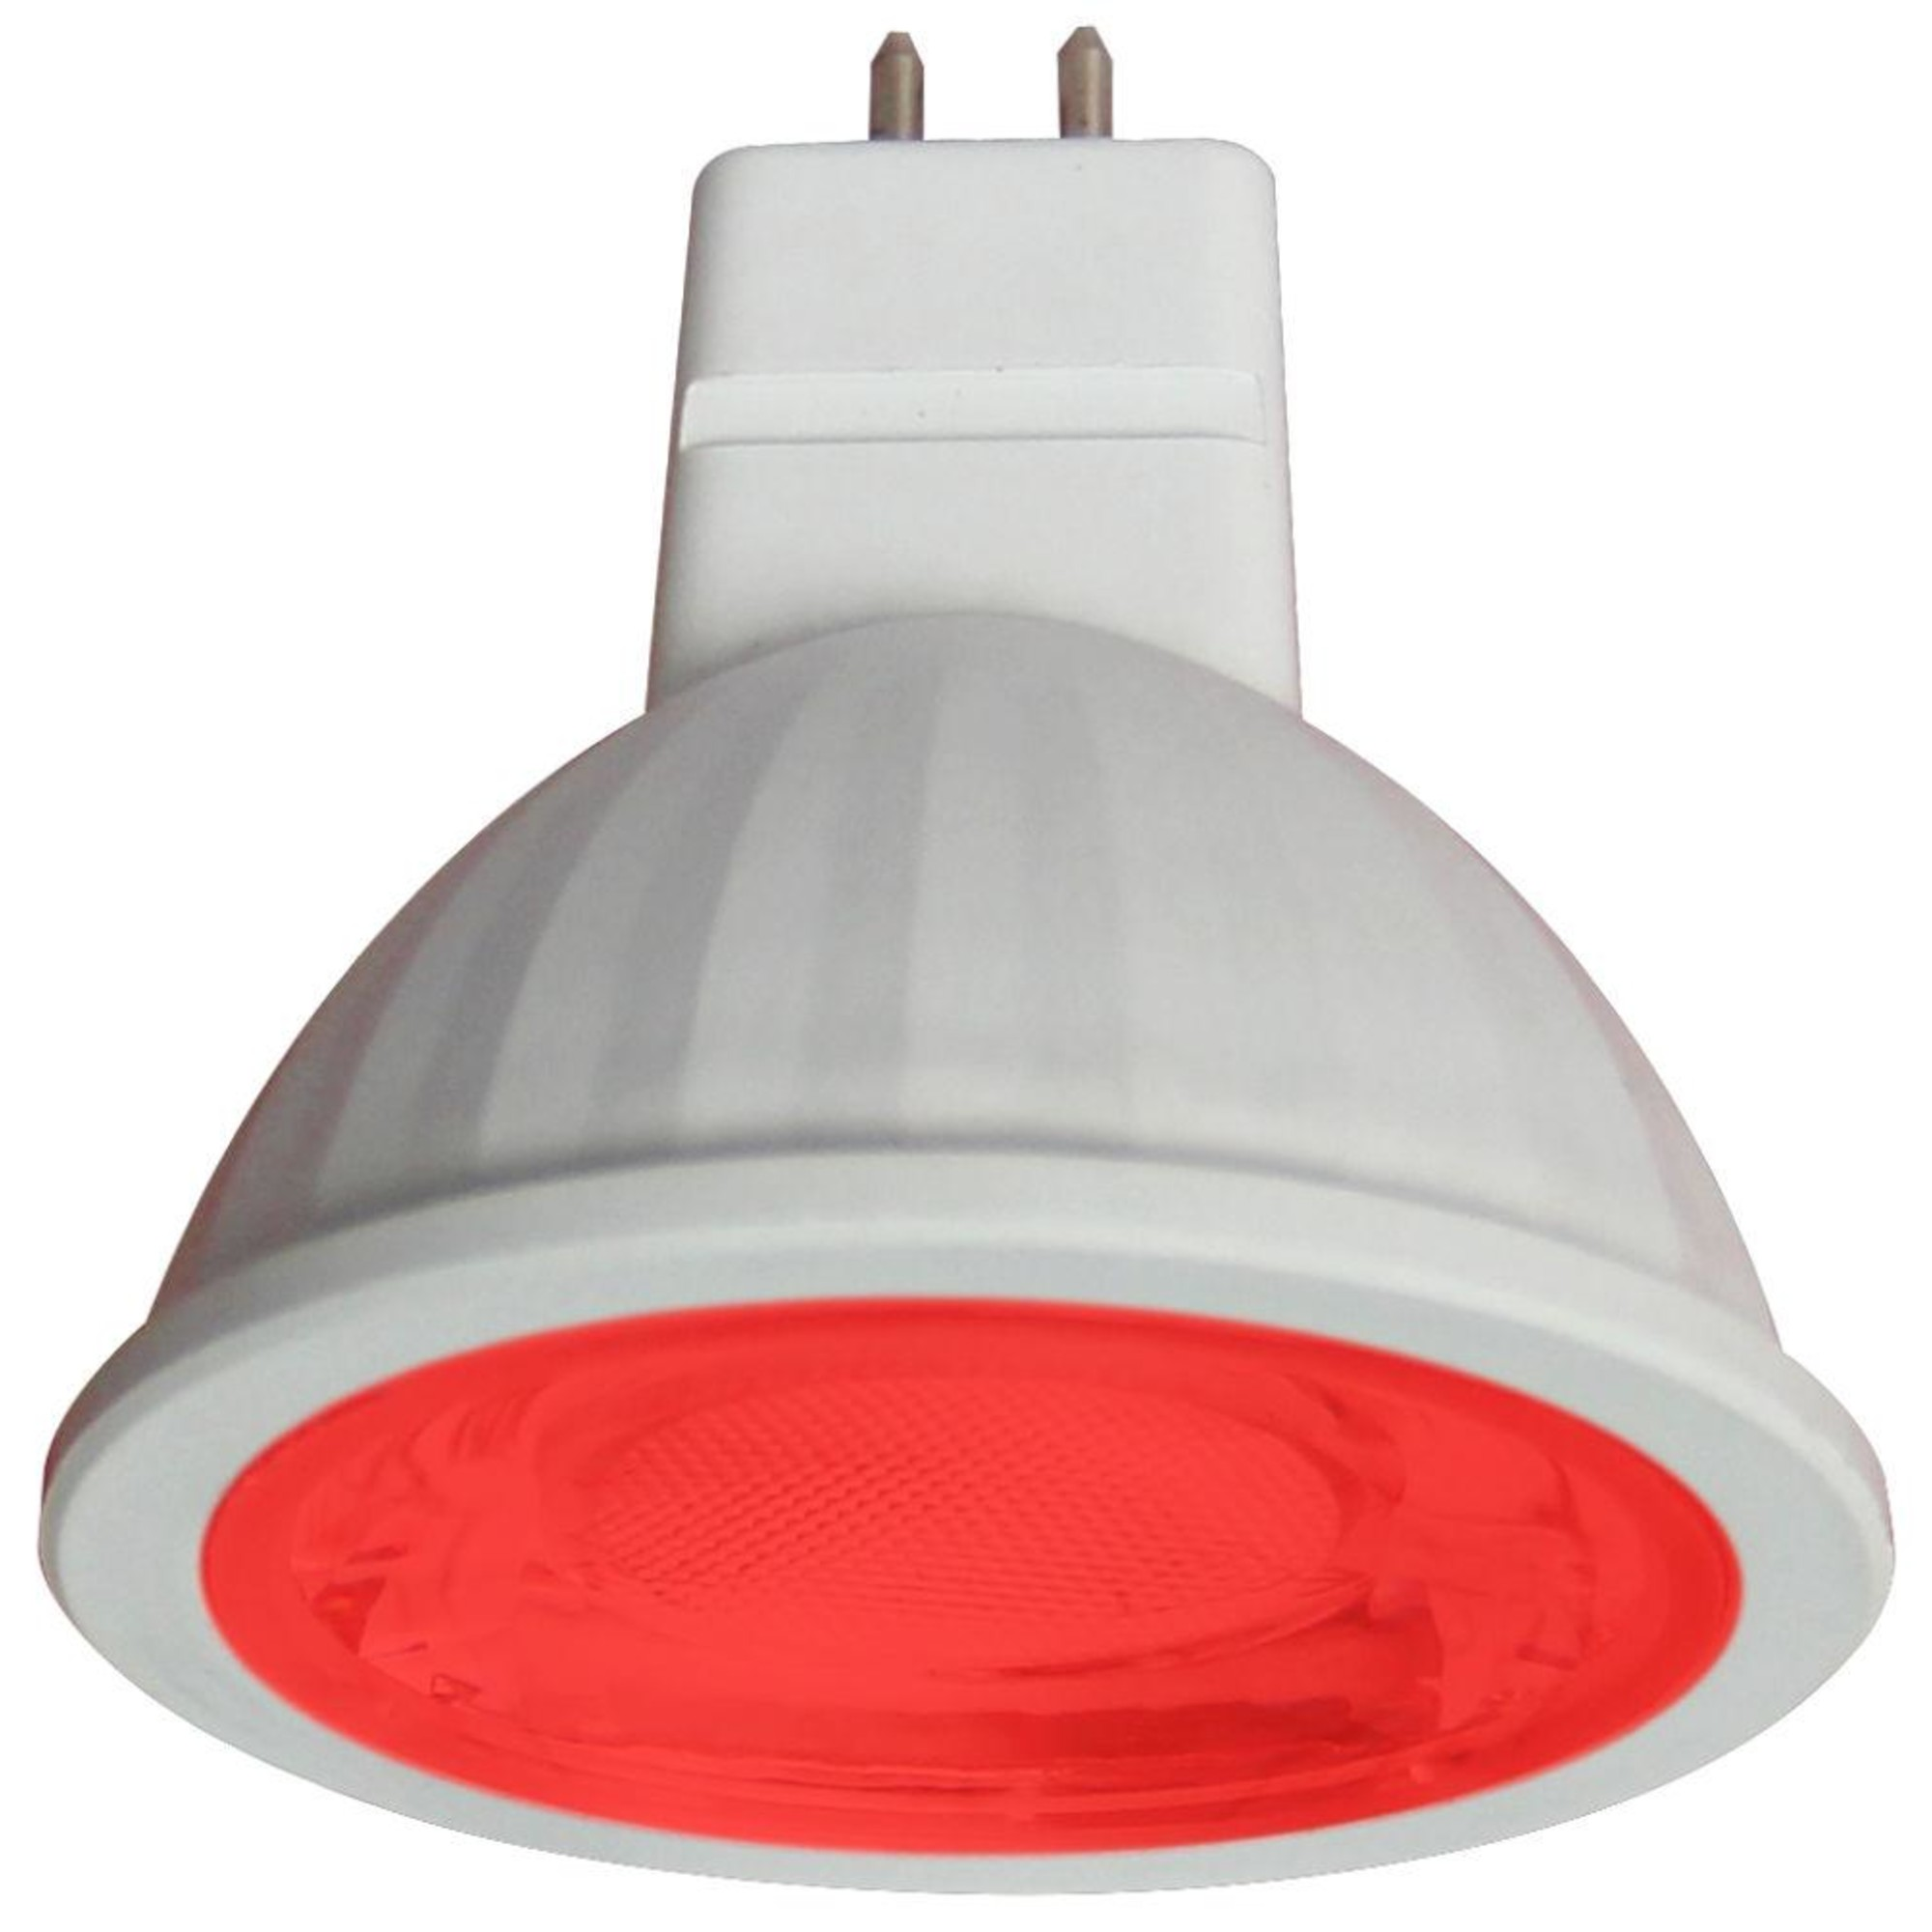 Лампа Ecola стандарт светодионая GU5.3 9 Вт рефлекторная 720 Лм теплый свет